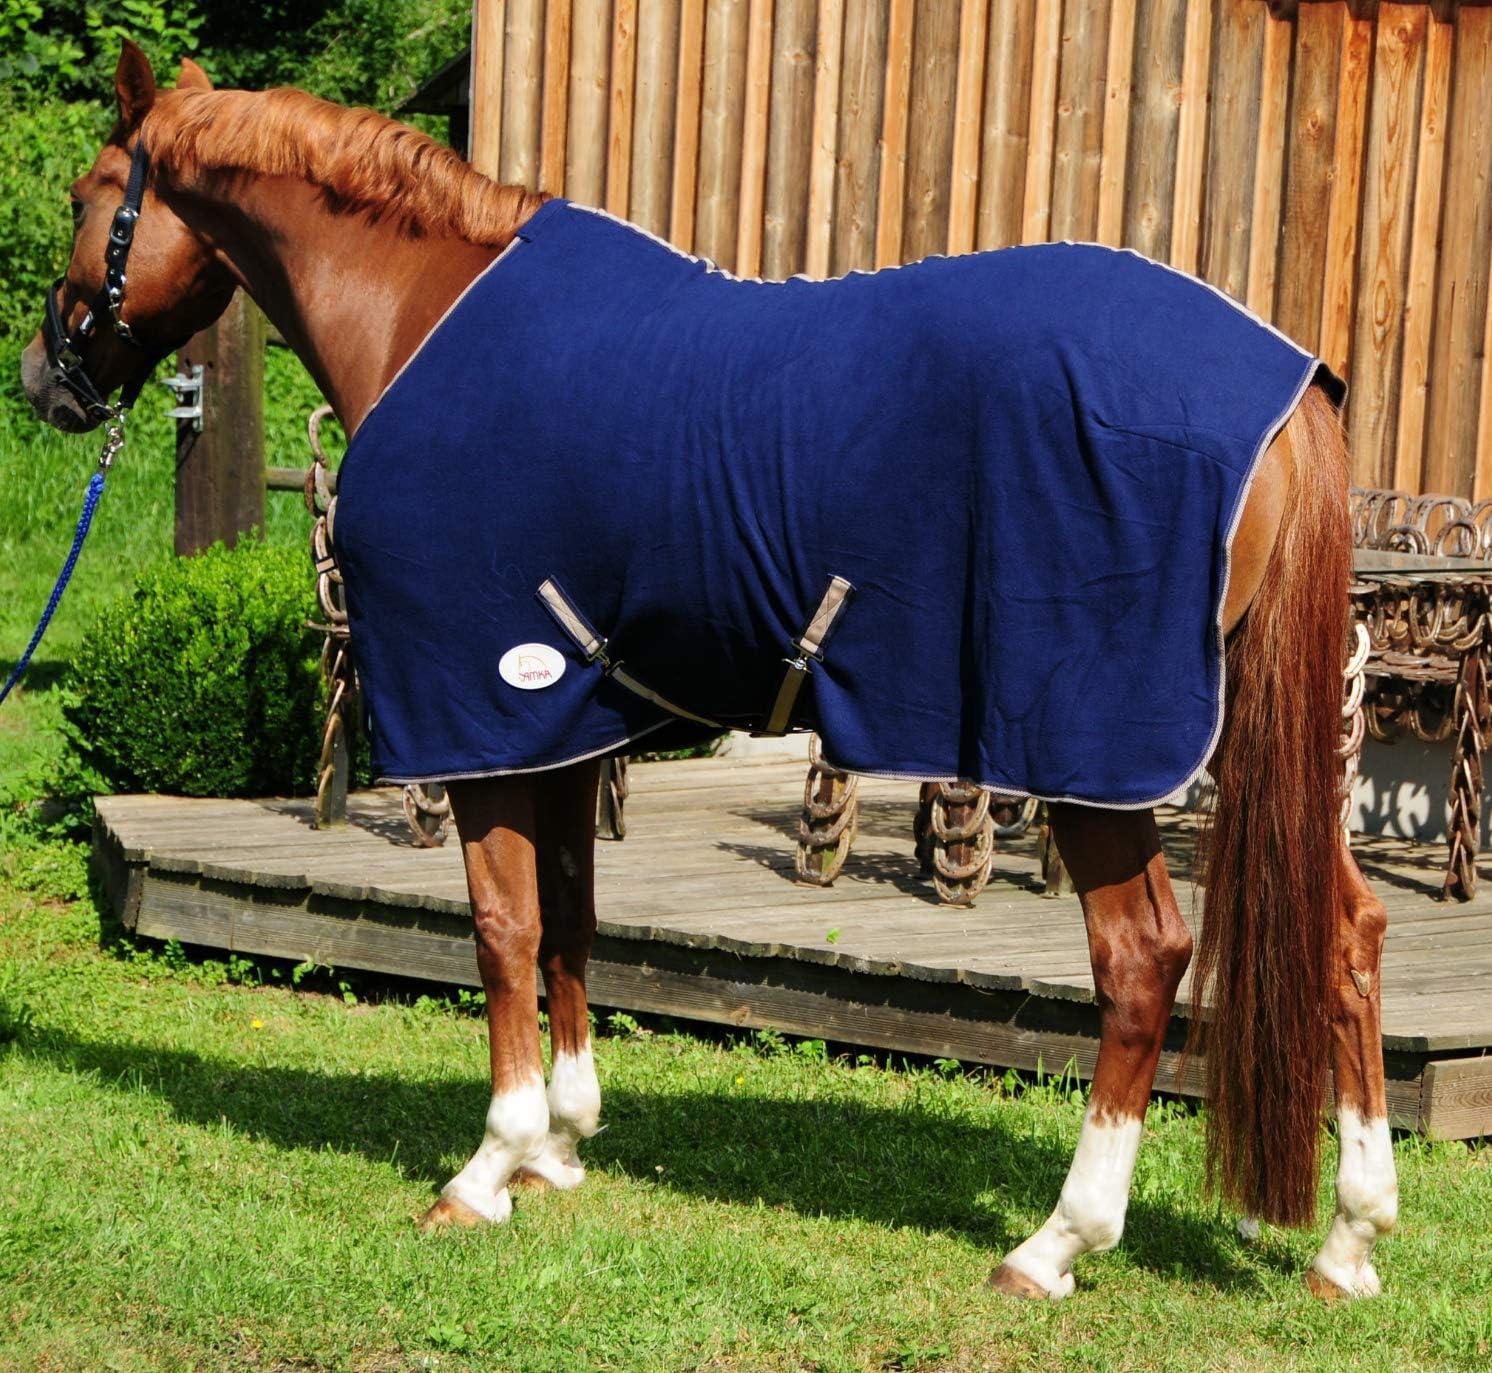 Manta de forro polar para caballos de AMKA, color azul oscuro con correas cruzadas